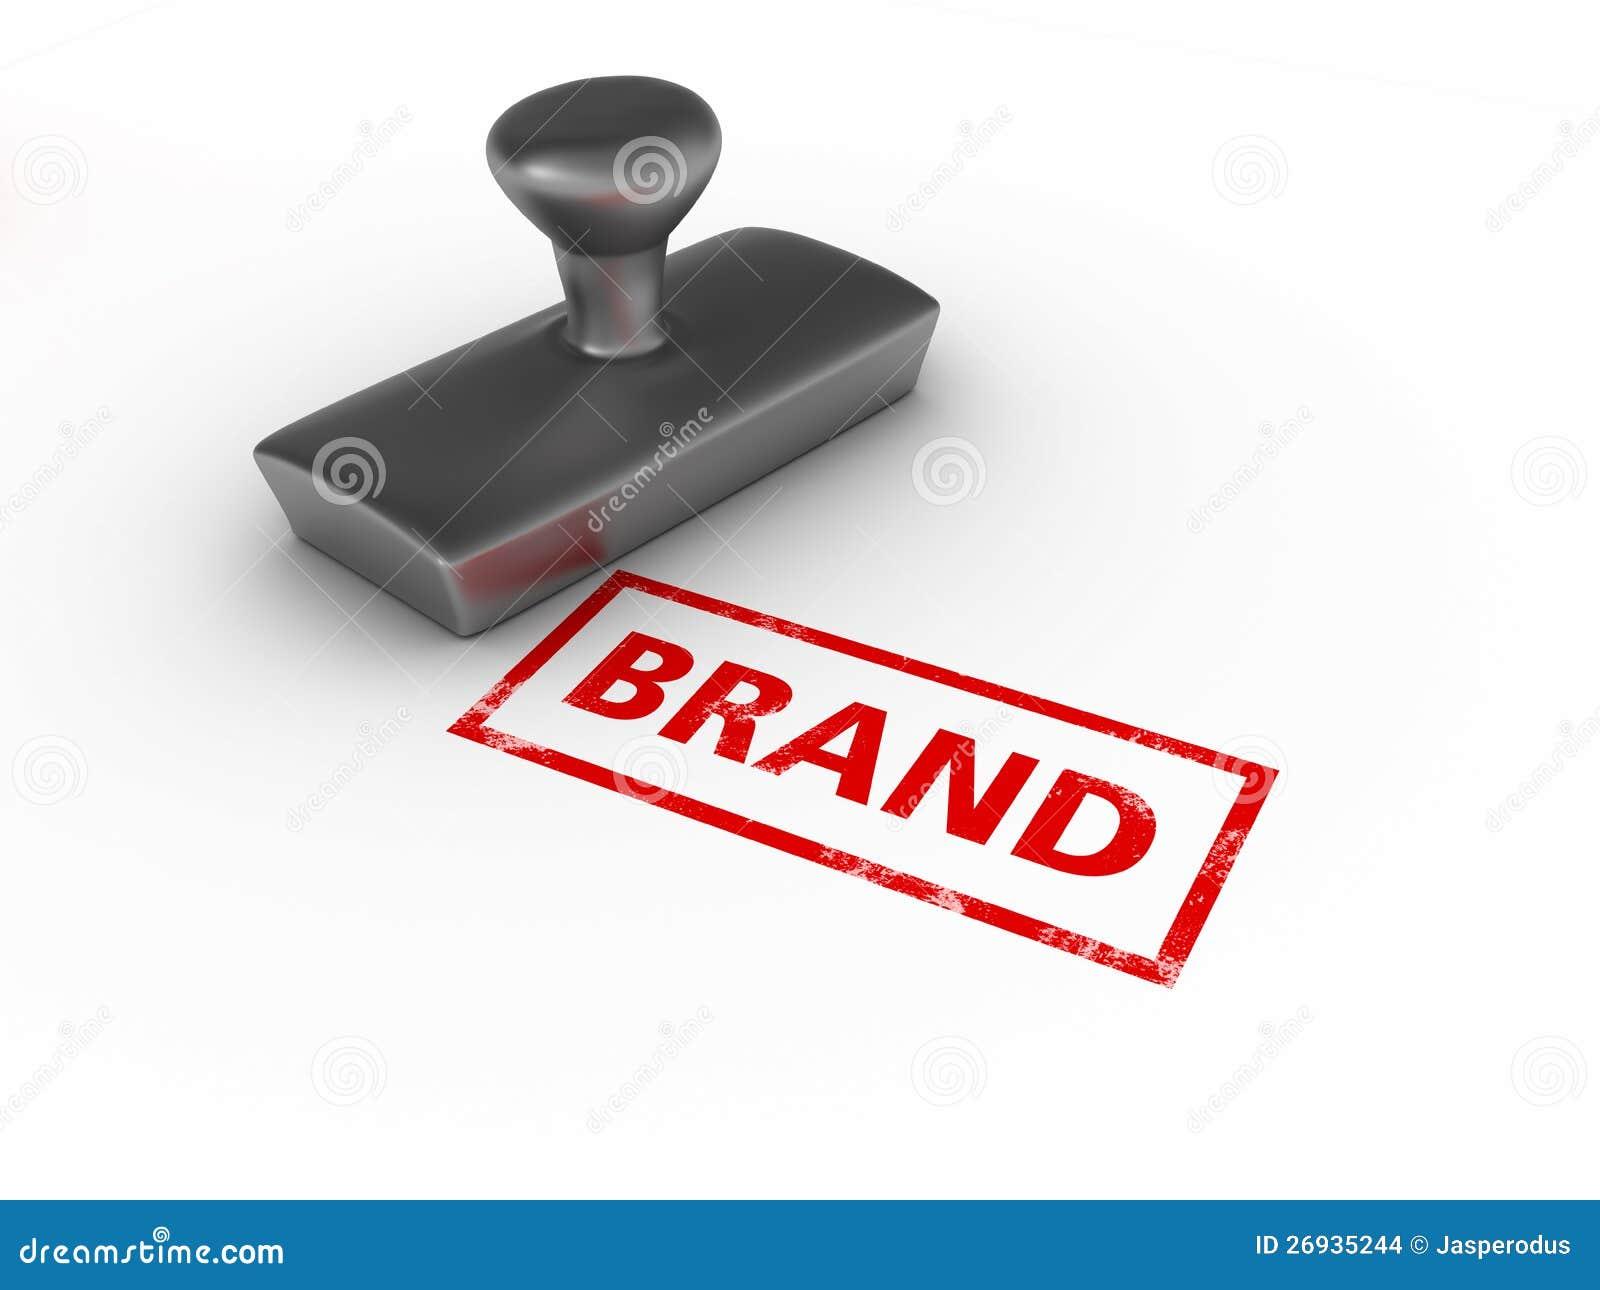 Rubber Branding Tool 18